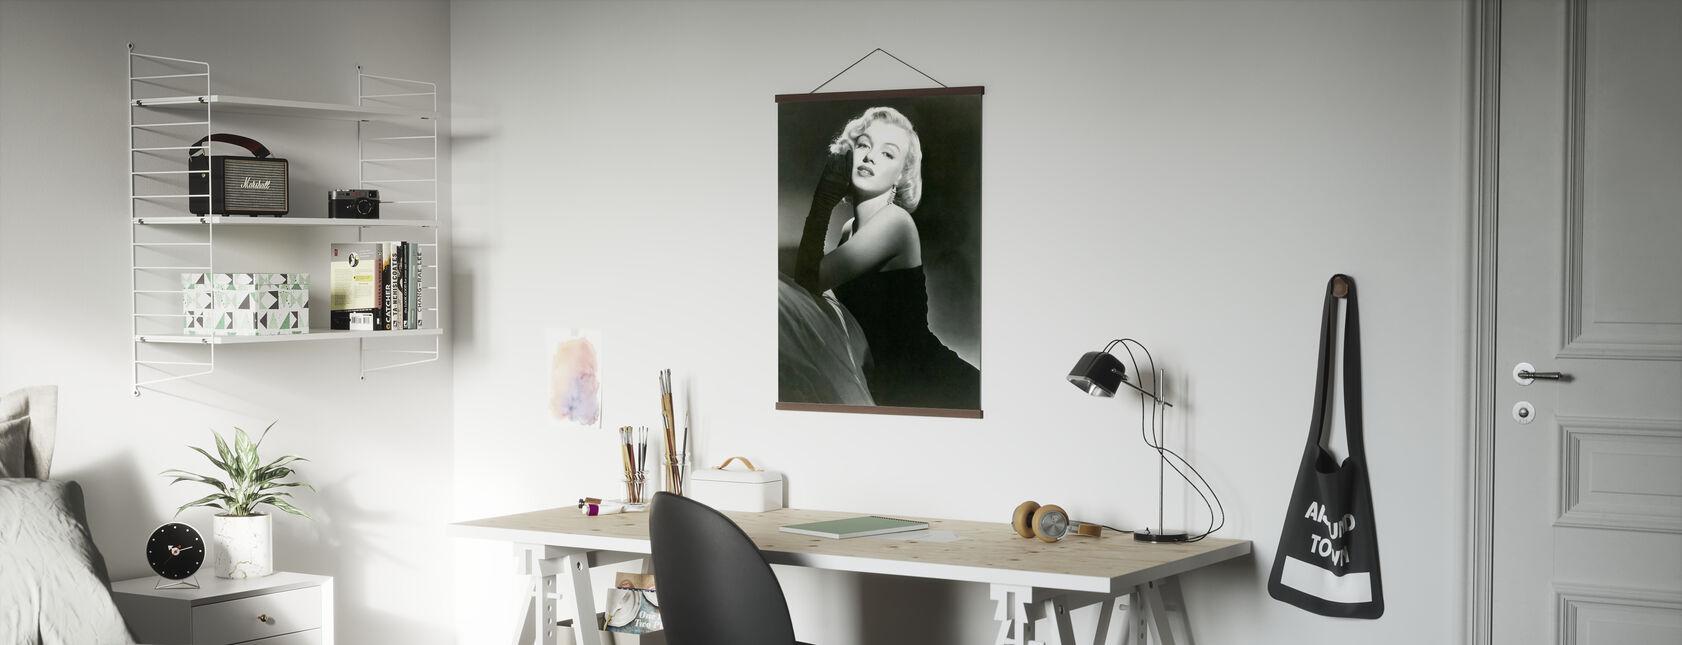 Porträtt Av Glamour - Poster - Kontor